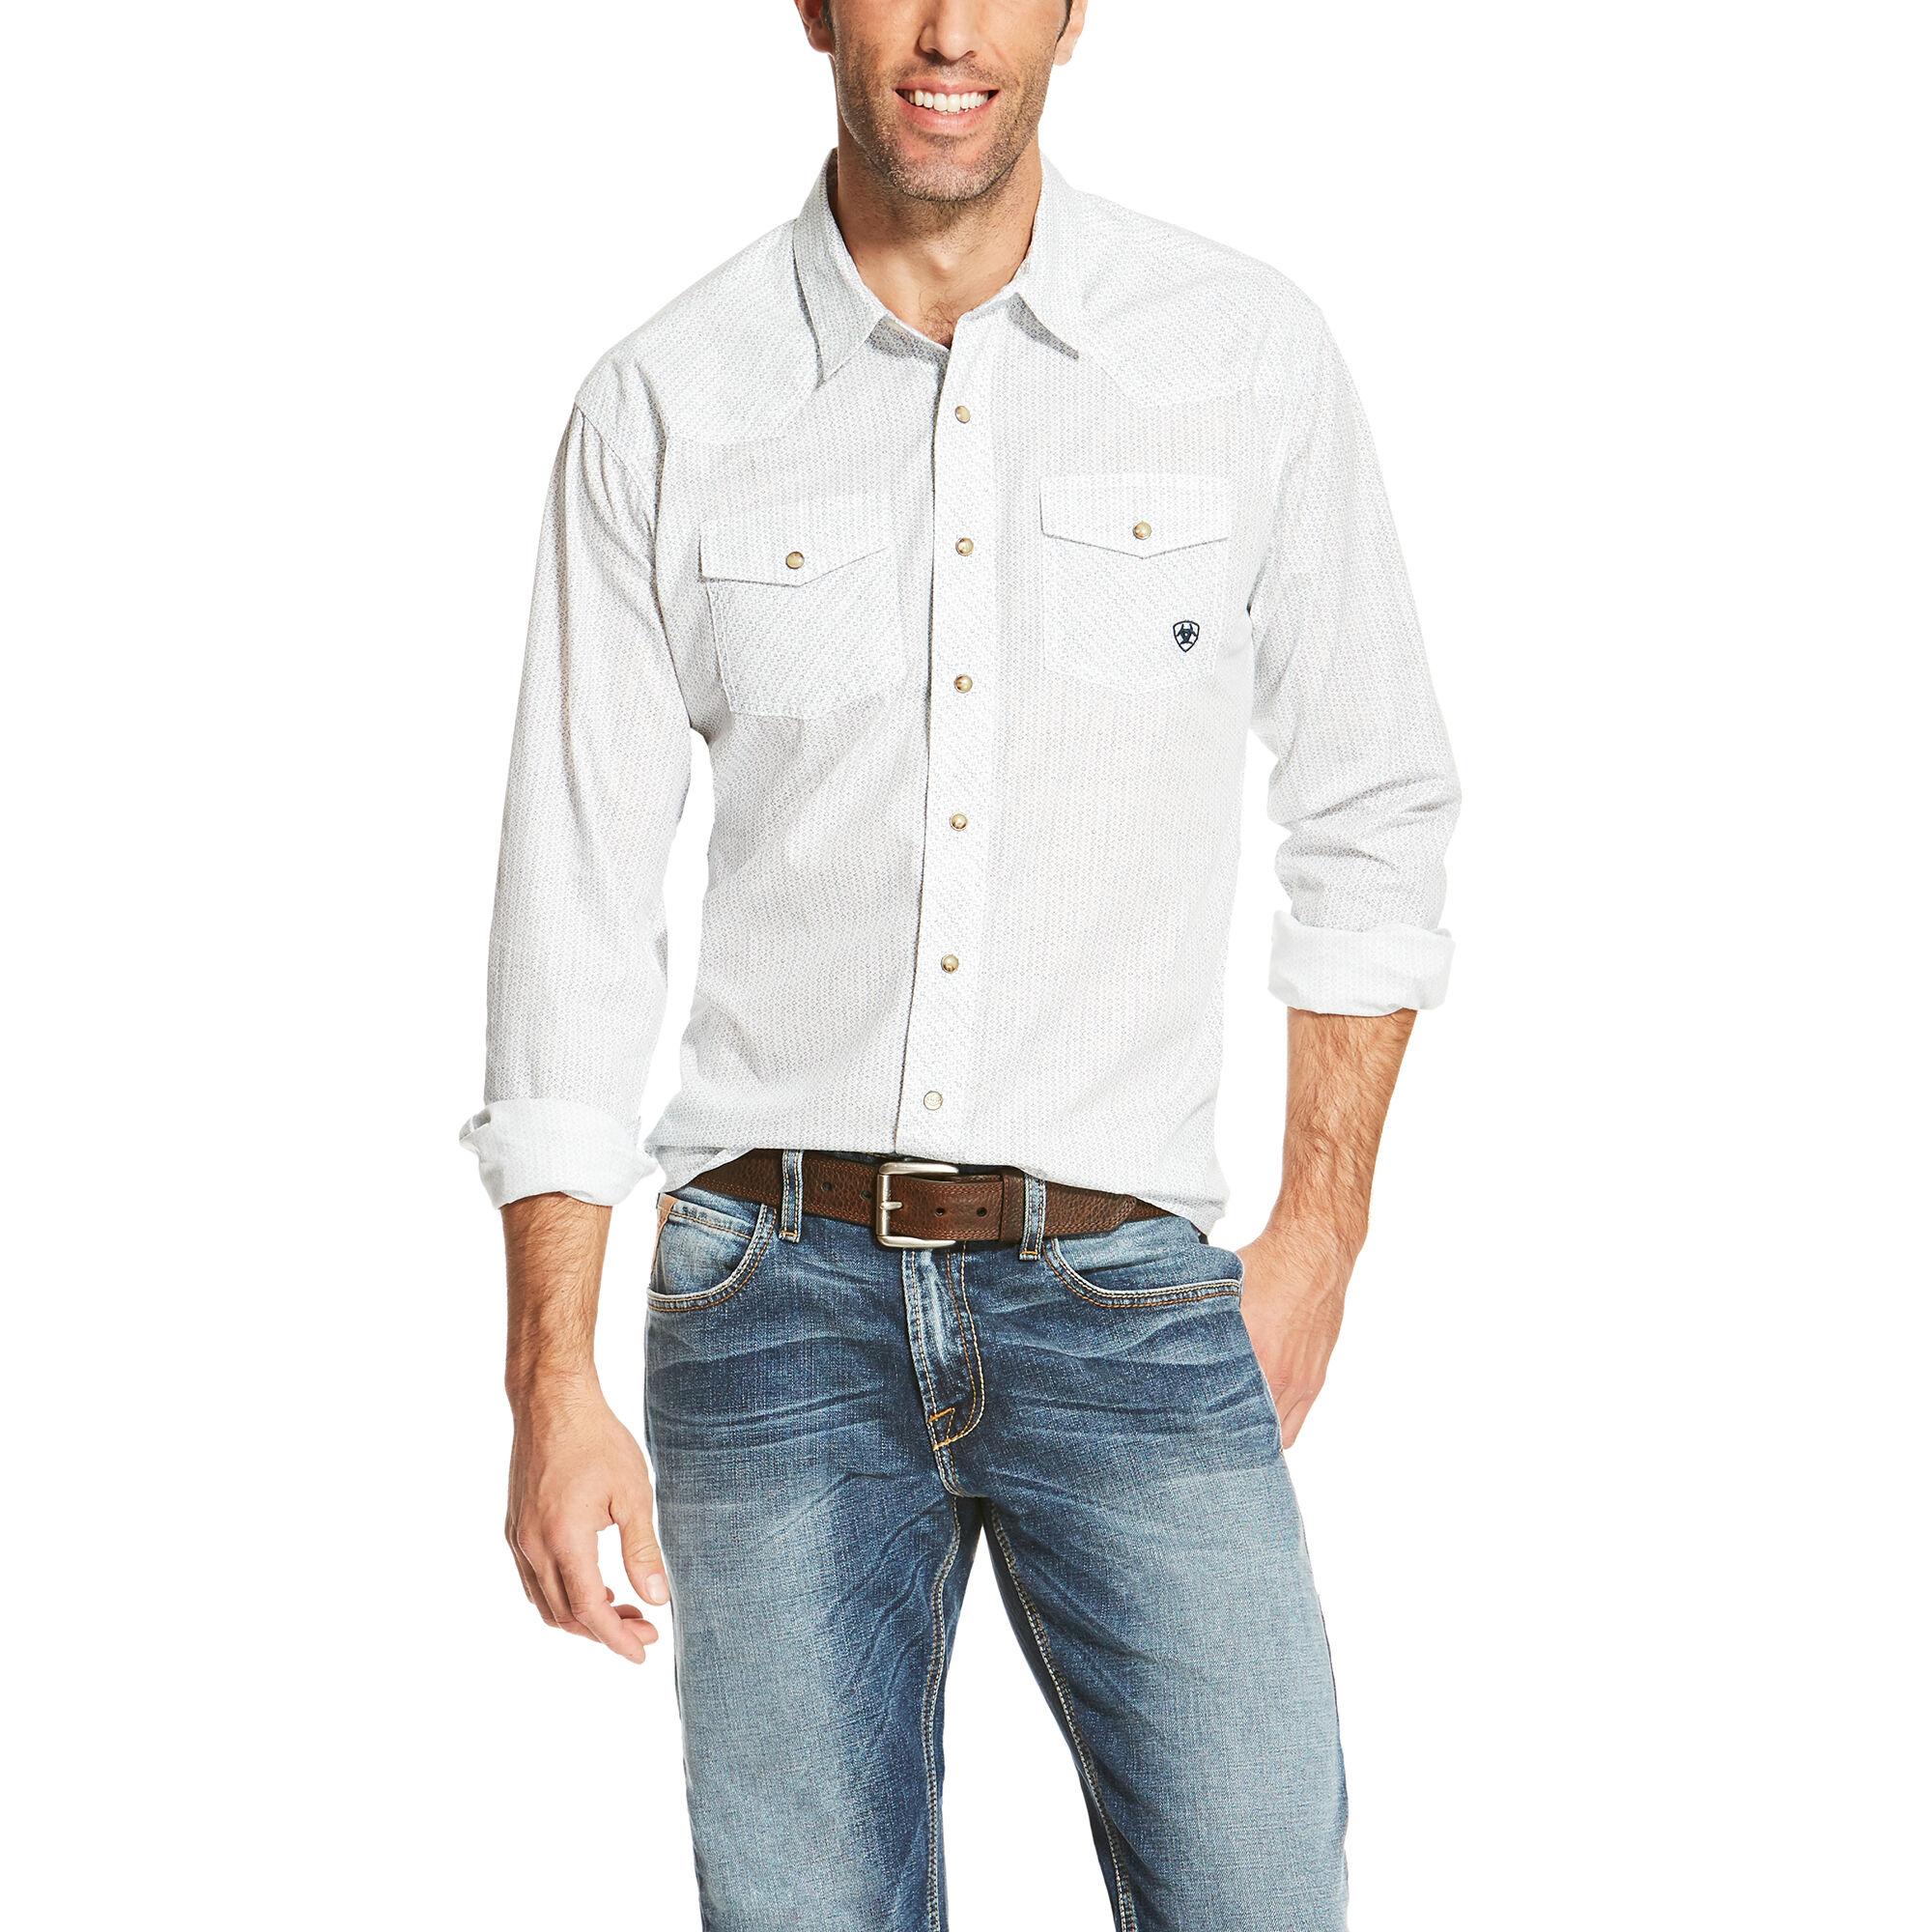 Ularic Retro Shirt